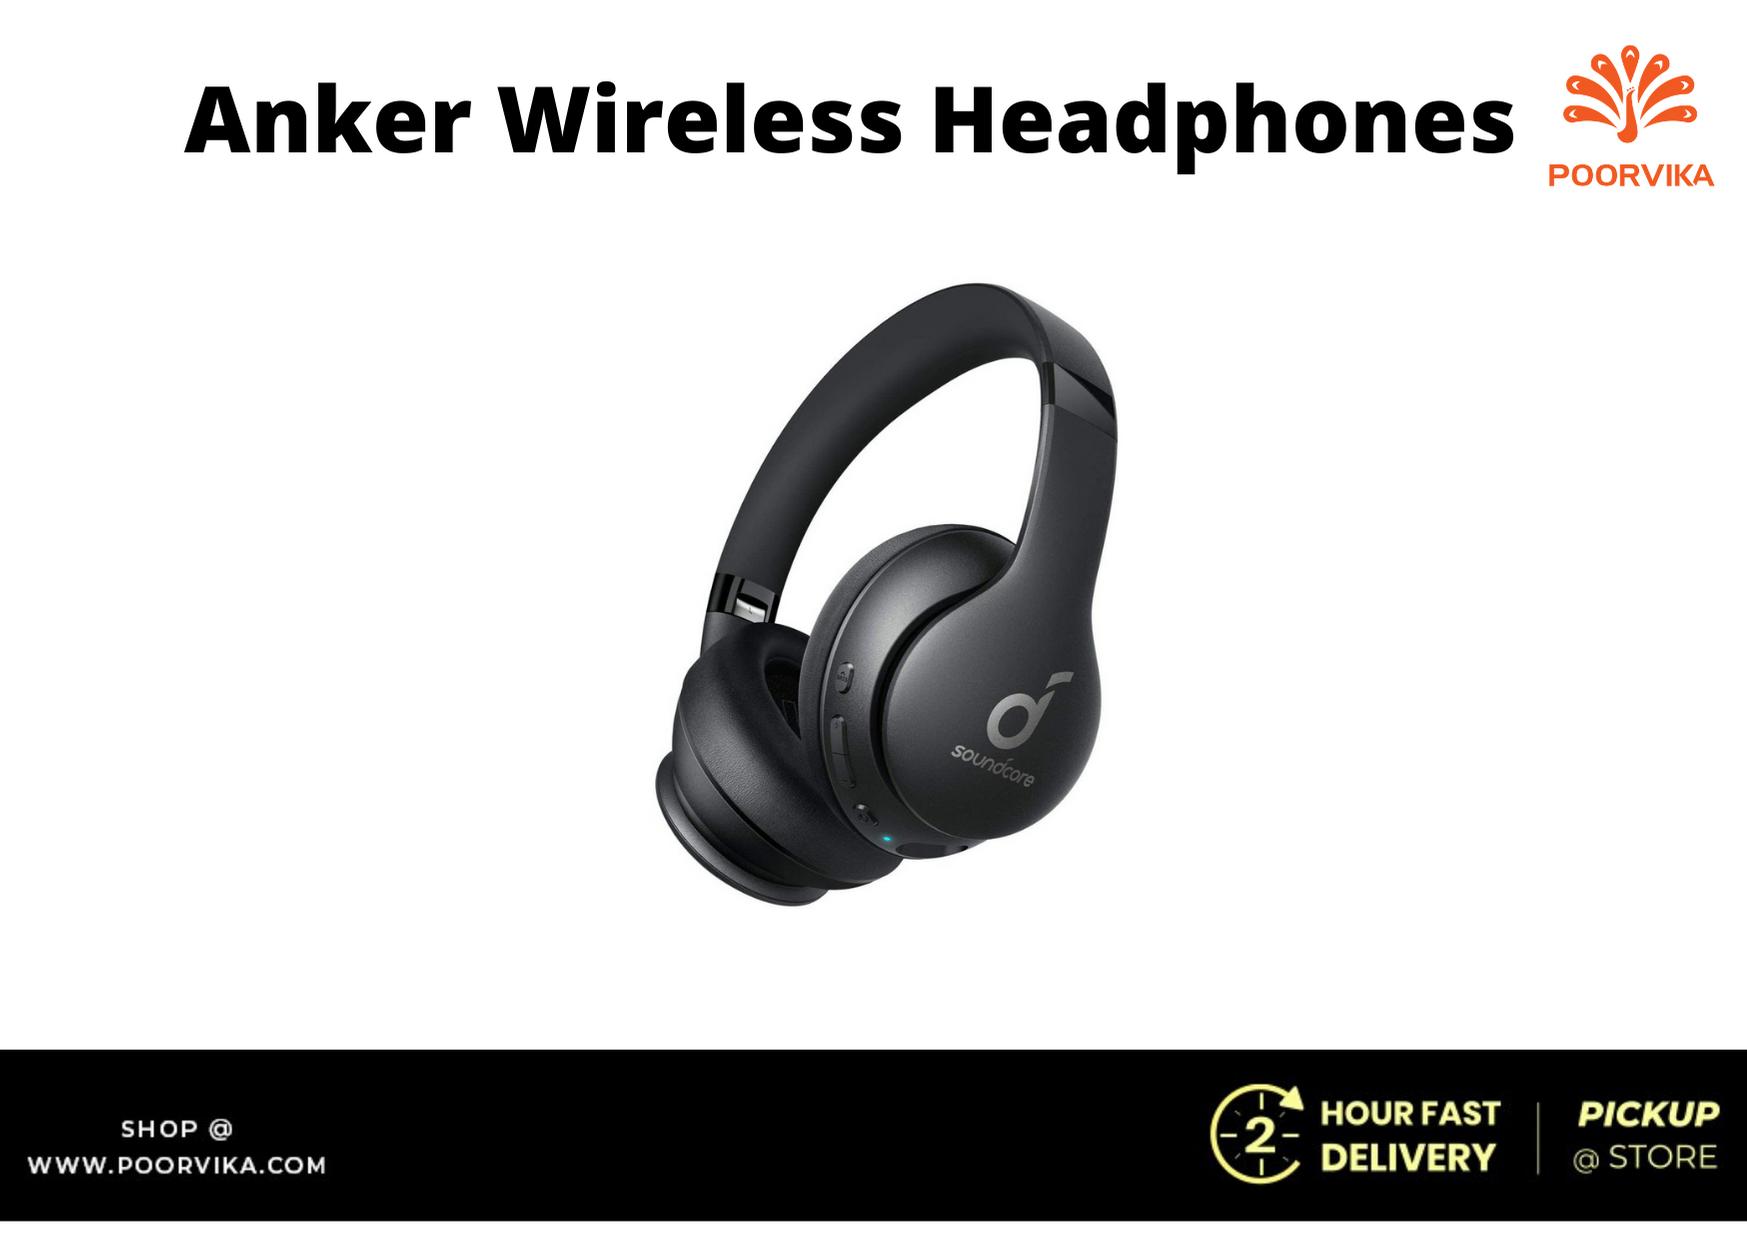 Anker-Wireless-Headphones